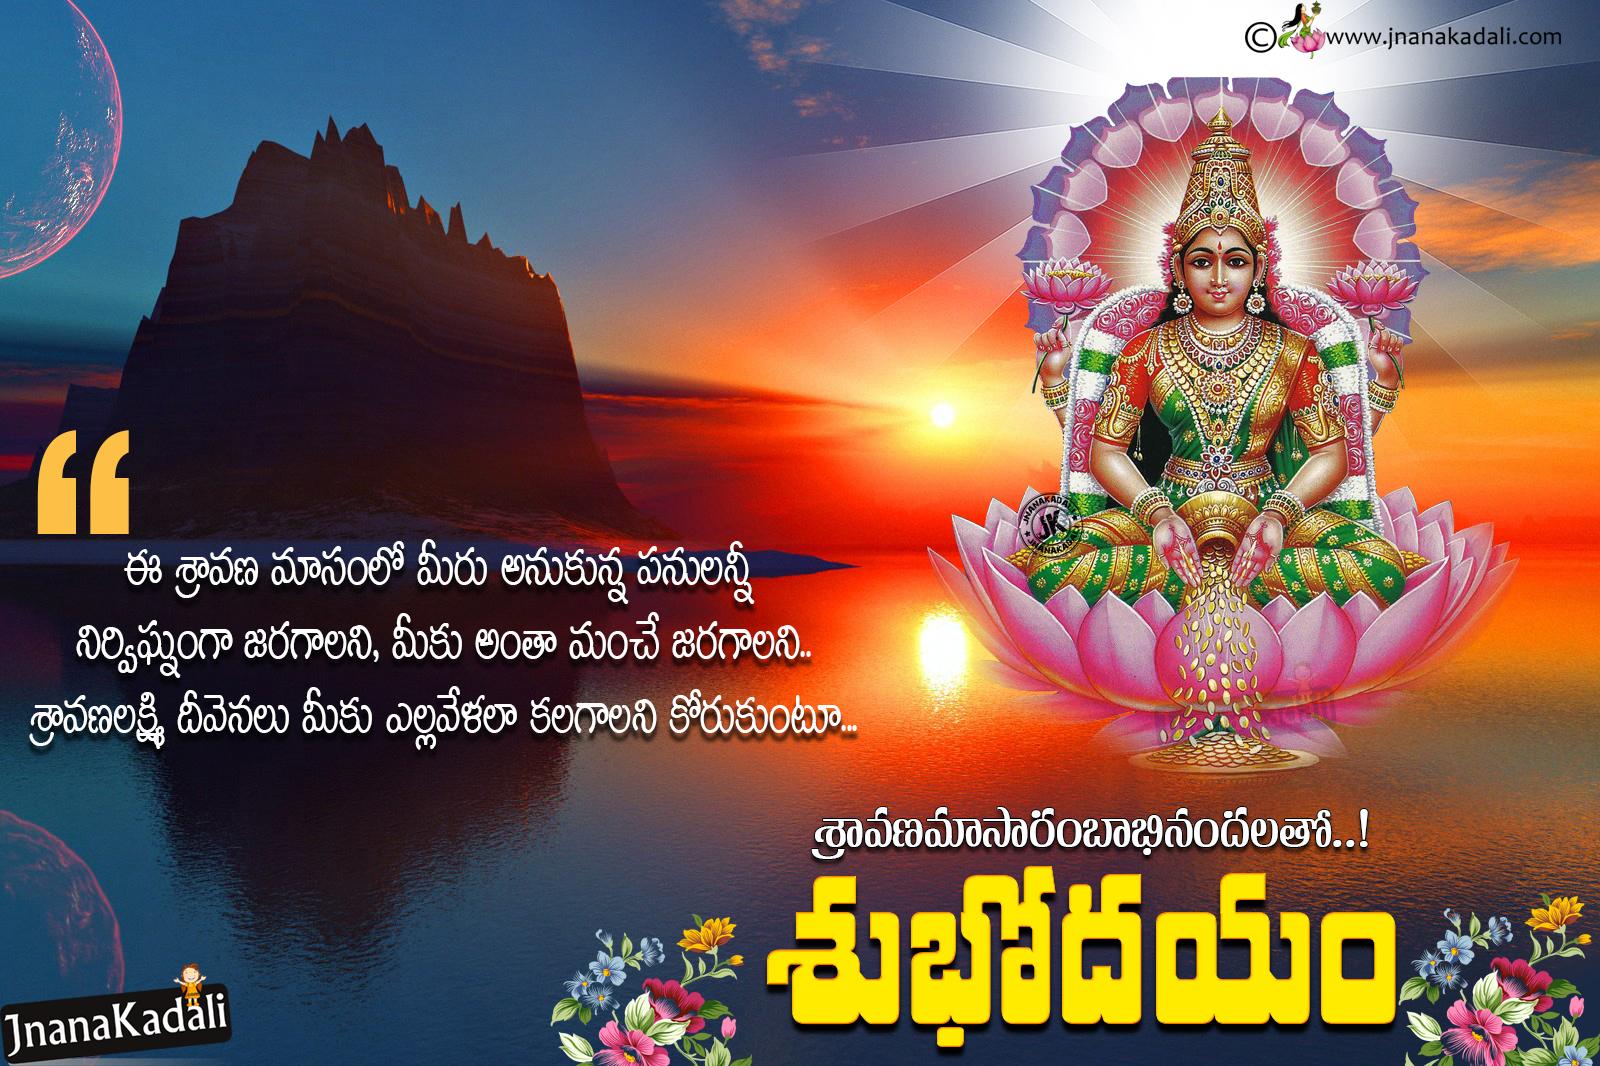 Good Morning Greetings With Goddess Lakshmi Blessings For Sravana